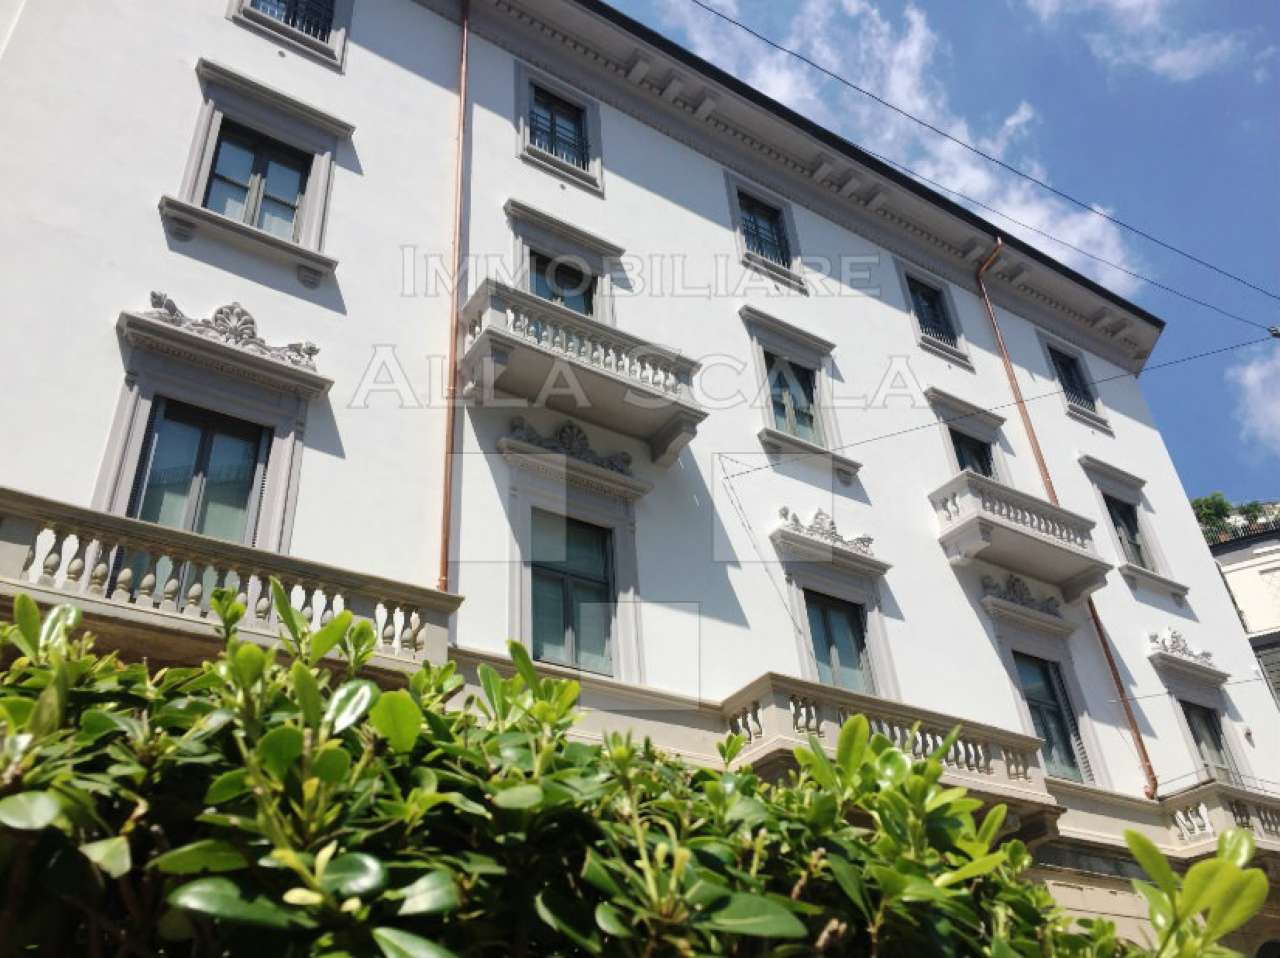 Appartamento in vendita a Milano, 5 locali, zona Zona: 1 . Centro Storico, Duomo, Brera, Cadorna, Cattolica, prezzo € 1.690.000 | CambioCasa.it